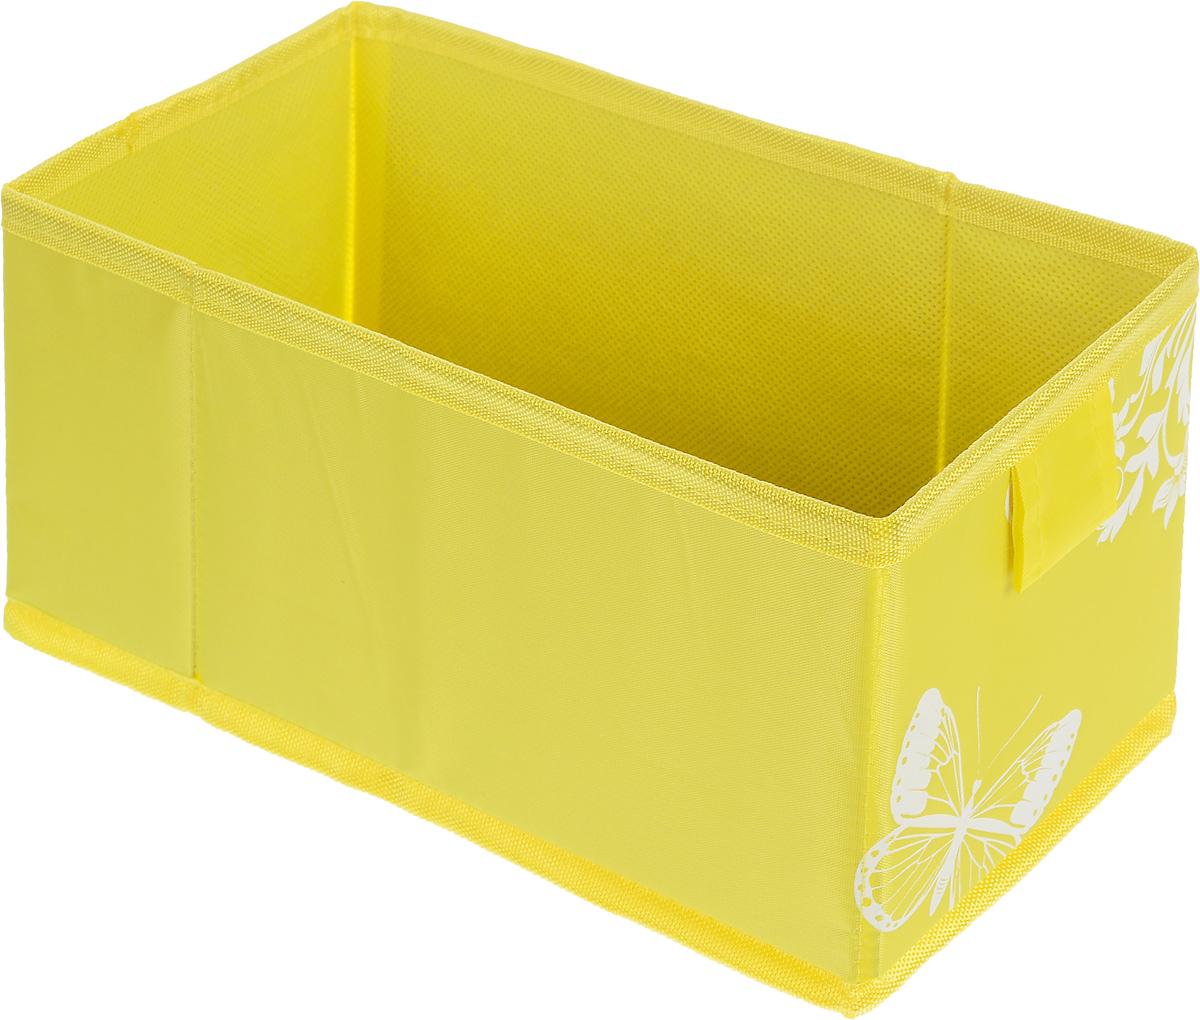 Коробка для хранения Hausmann Butterfly, цвет: желтый, 13 x 27 x 12,5 см4P-107-M4С_желтыйКоробка для хранения вещей Hausmann Butterfly поможет легко организовать пространство в шкафу или в гардеробе. Изделие выполнено из нетканого материала и полиэстера. Коробка держит форму благодаря жесткой вставке из картона, которая устанавливается на дно. Боковая поверхность оформлена красивым принтом с изображением бабочек. В такой коробке удобно хранить нижнее белье, ремни и различные аксессуары. Размер кофра (в собранном виде): 13 x 27 x 12,5 см.